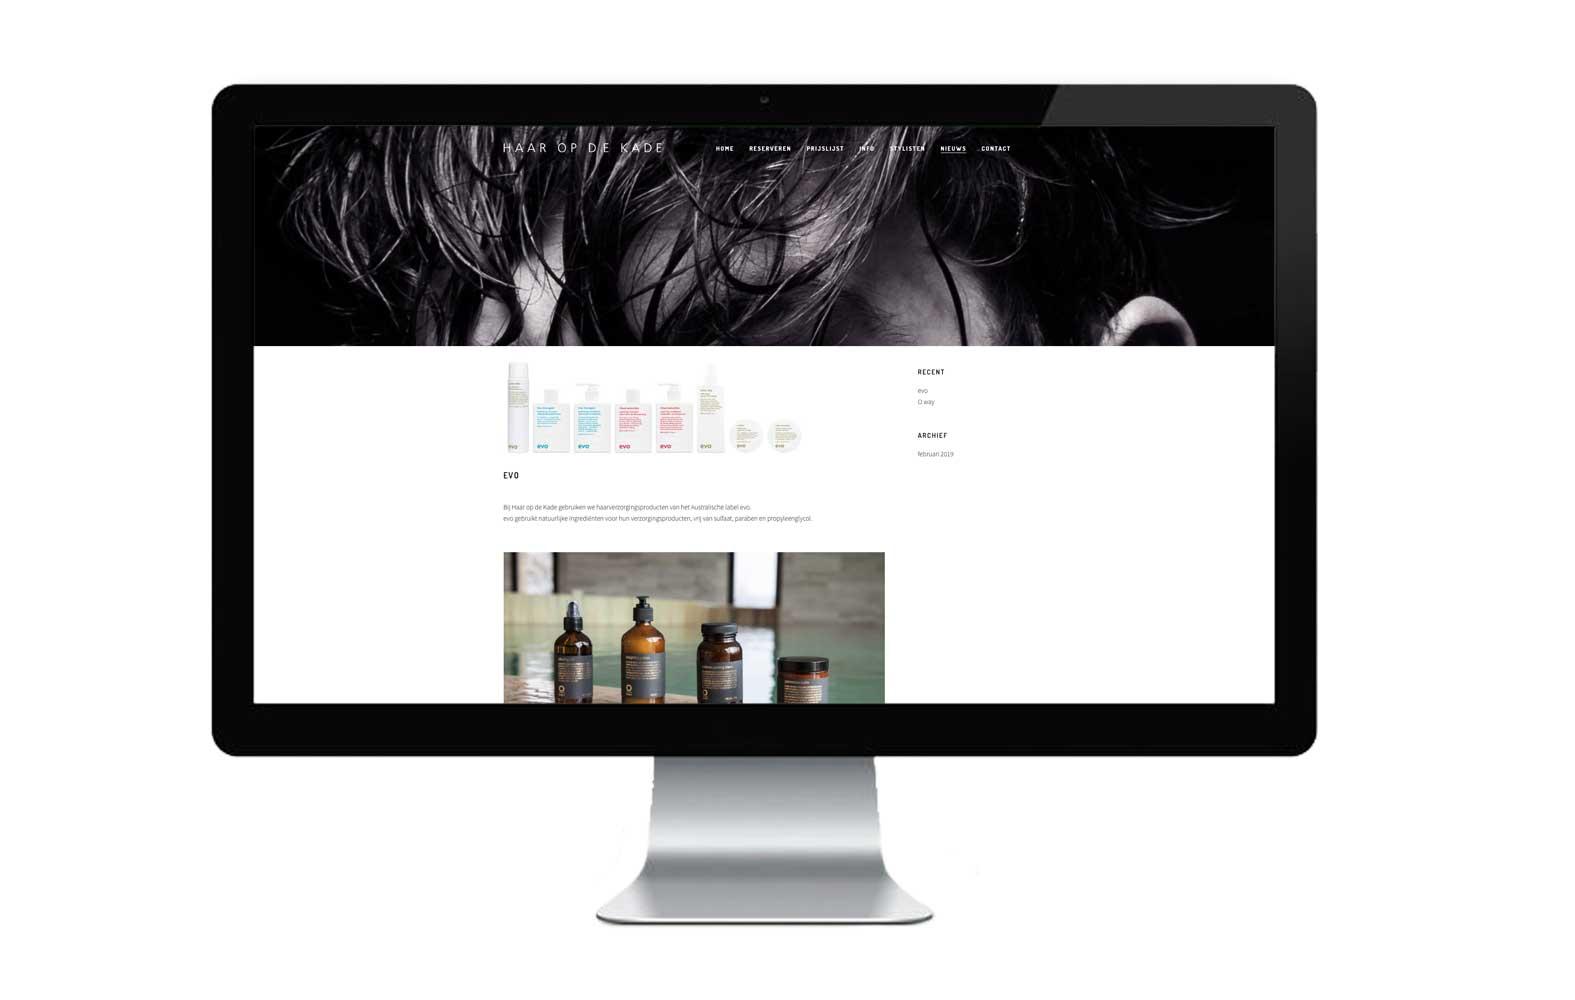 StudioErnst-WebDesign-HaaropdeKade6